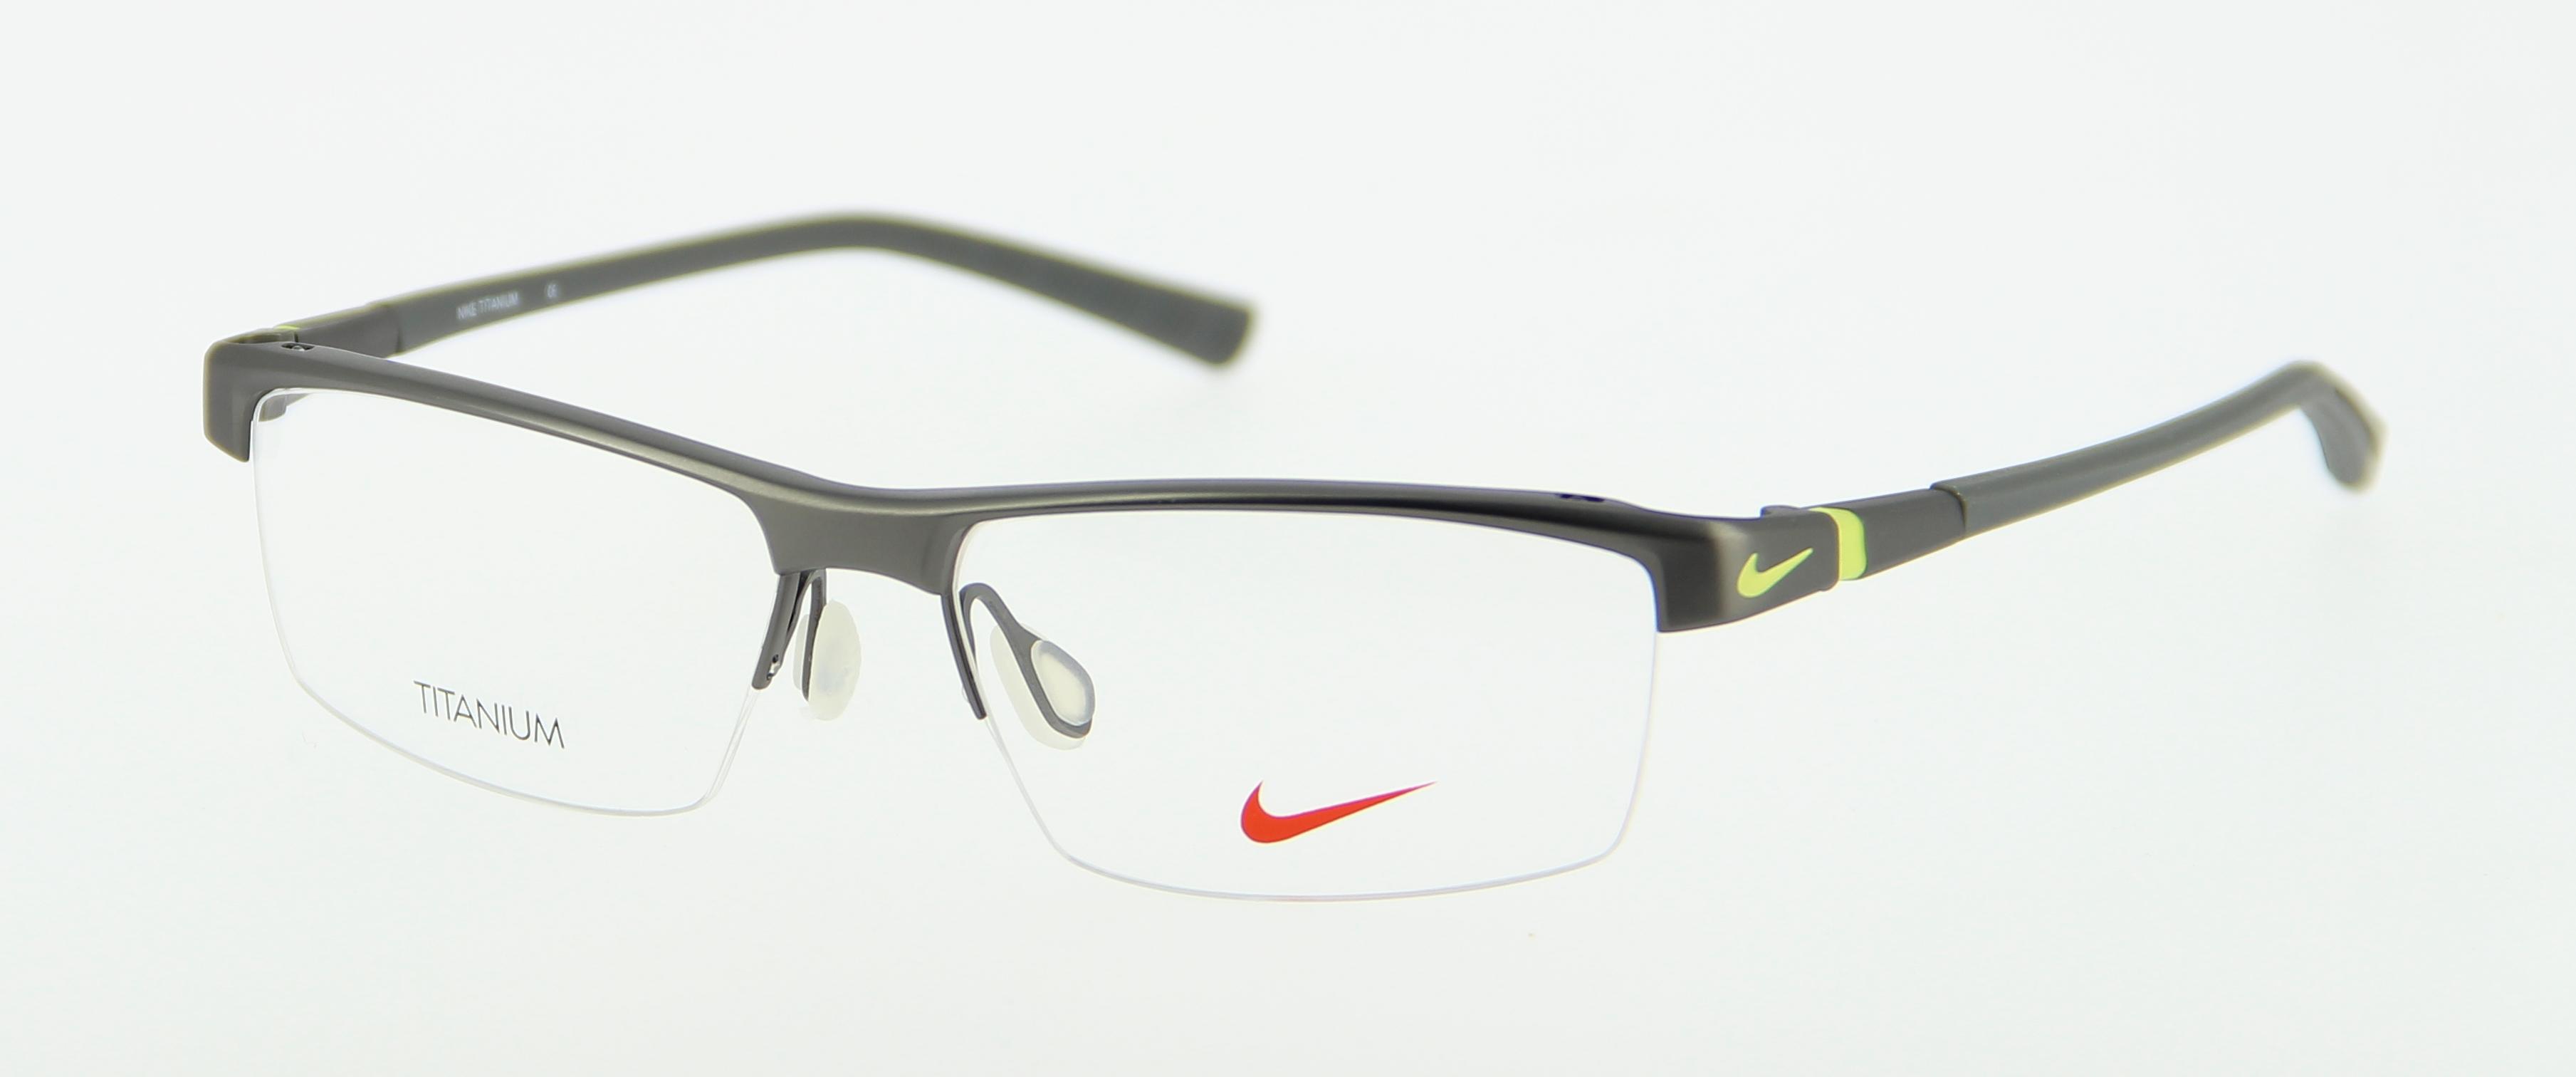 Entrelazamiento Soviético Disminución  lentes nike titanium Hombre Mujer niños - Envío gratis y entrega rápida,  ¡Ahorros garantizados y stock permanente!